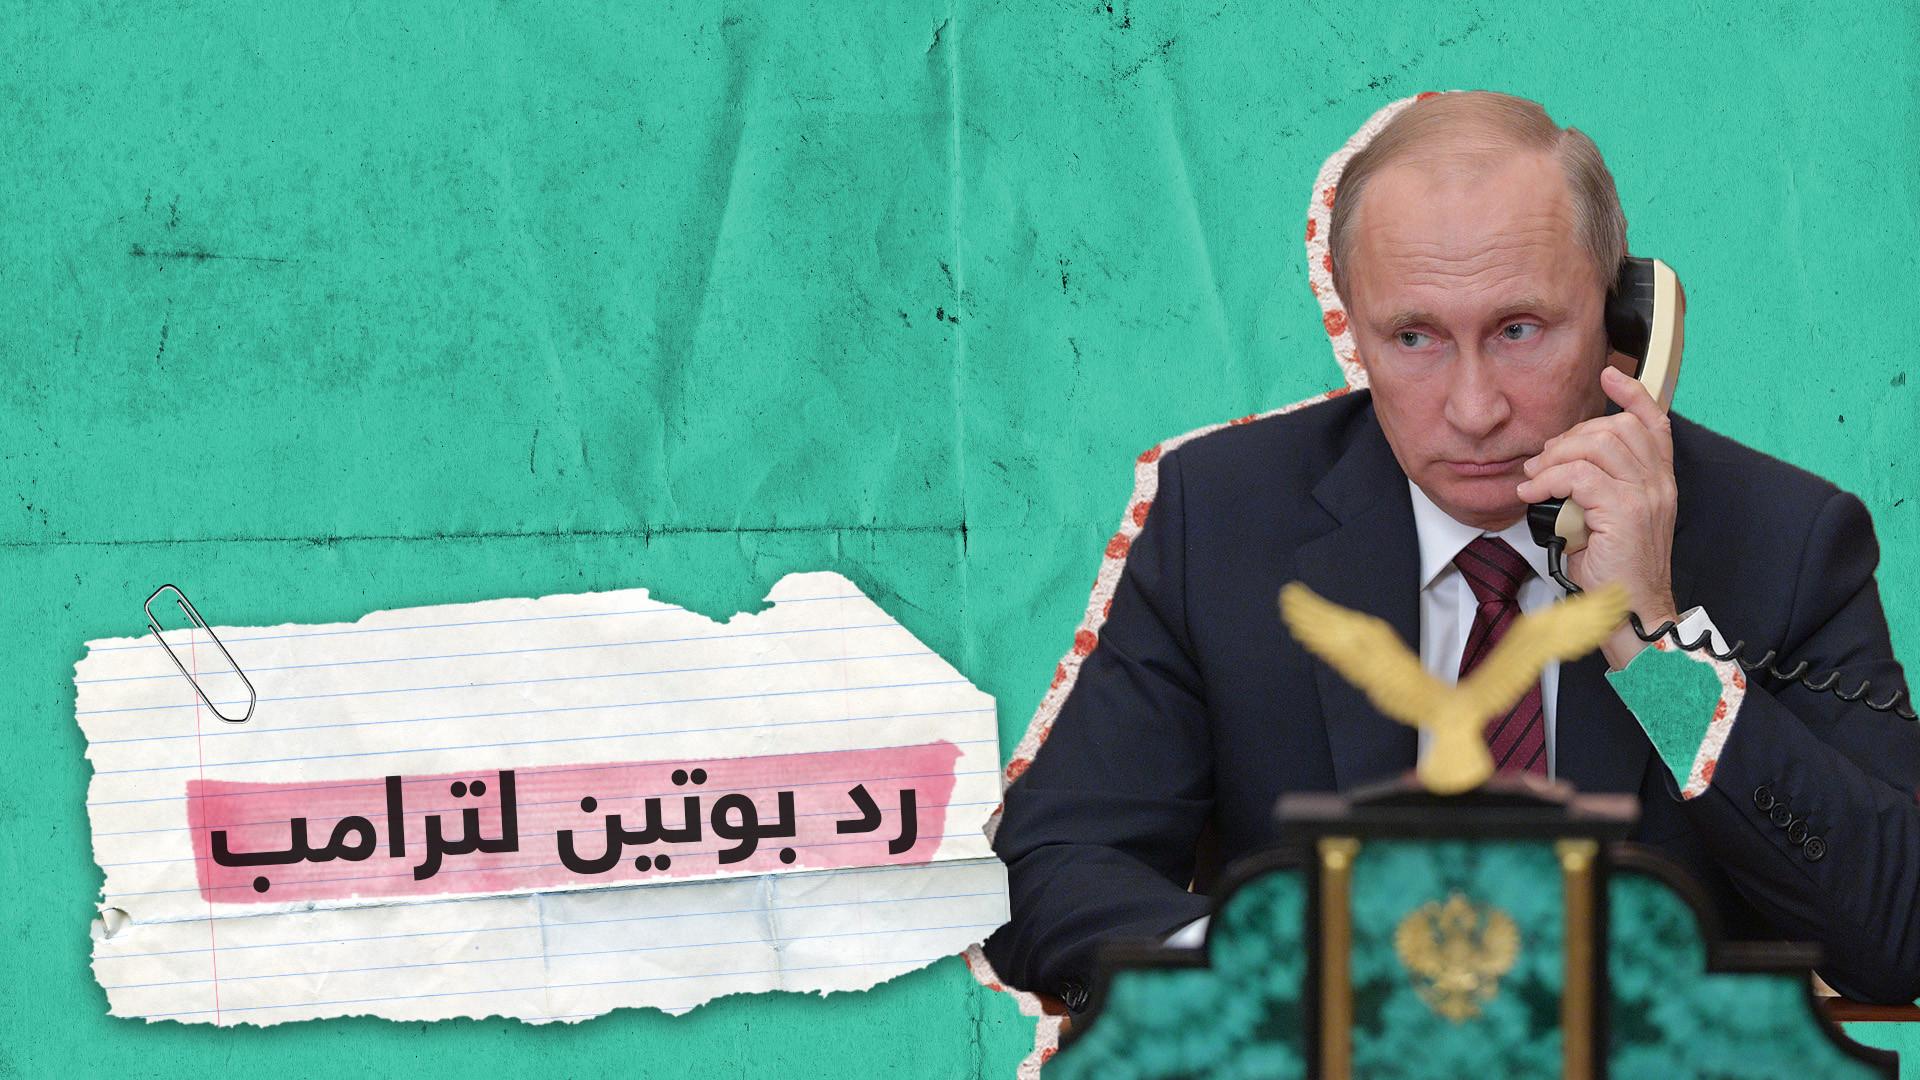 ترامب يريد مساعدة روسيا..  كيف رد بوتين؟